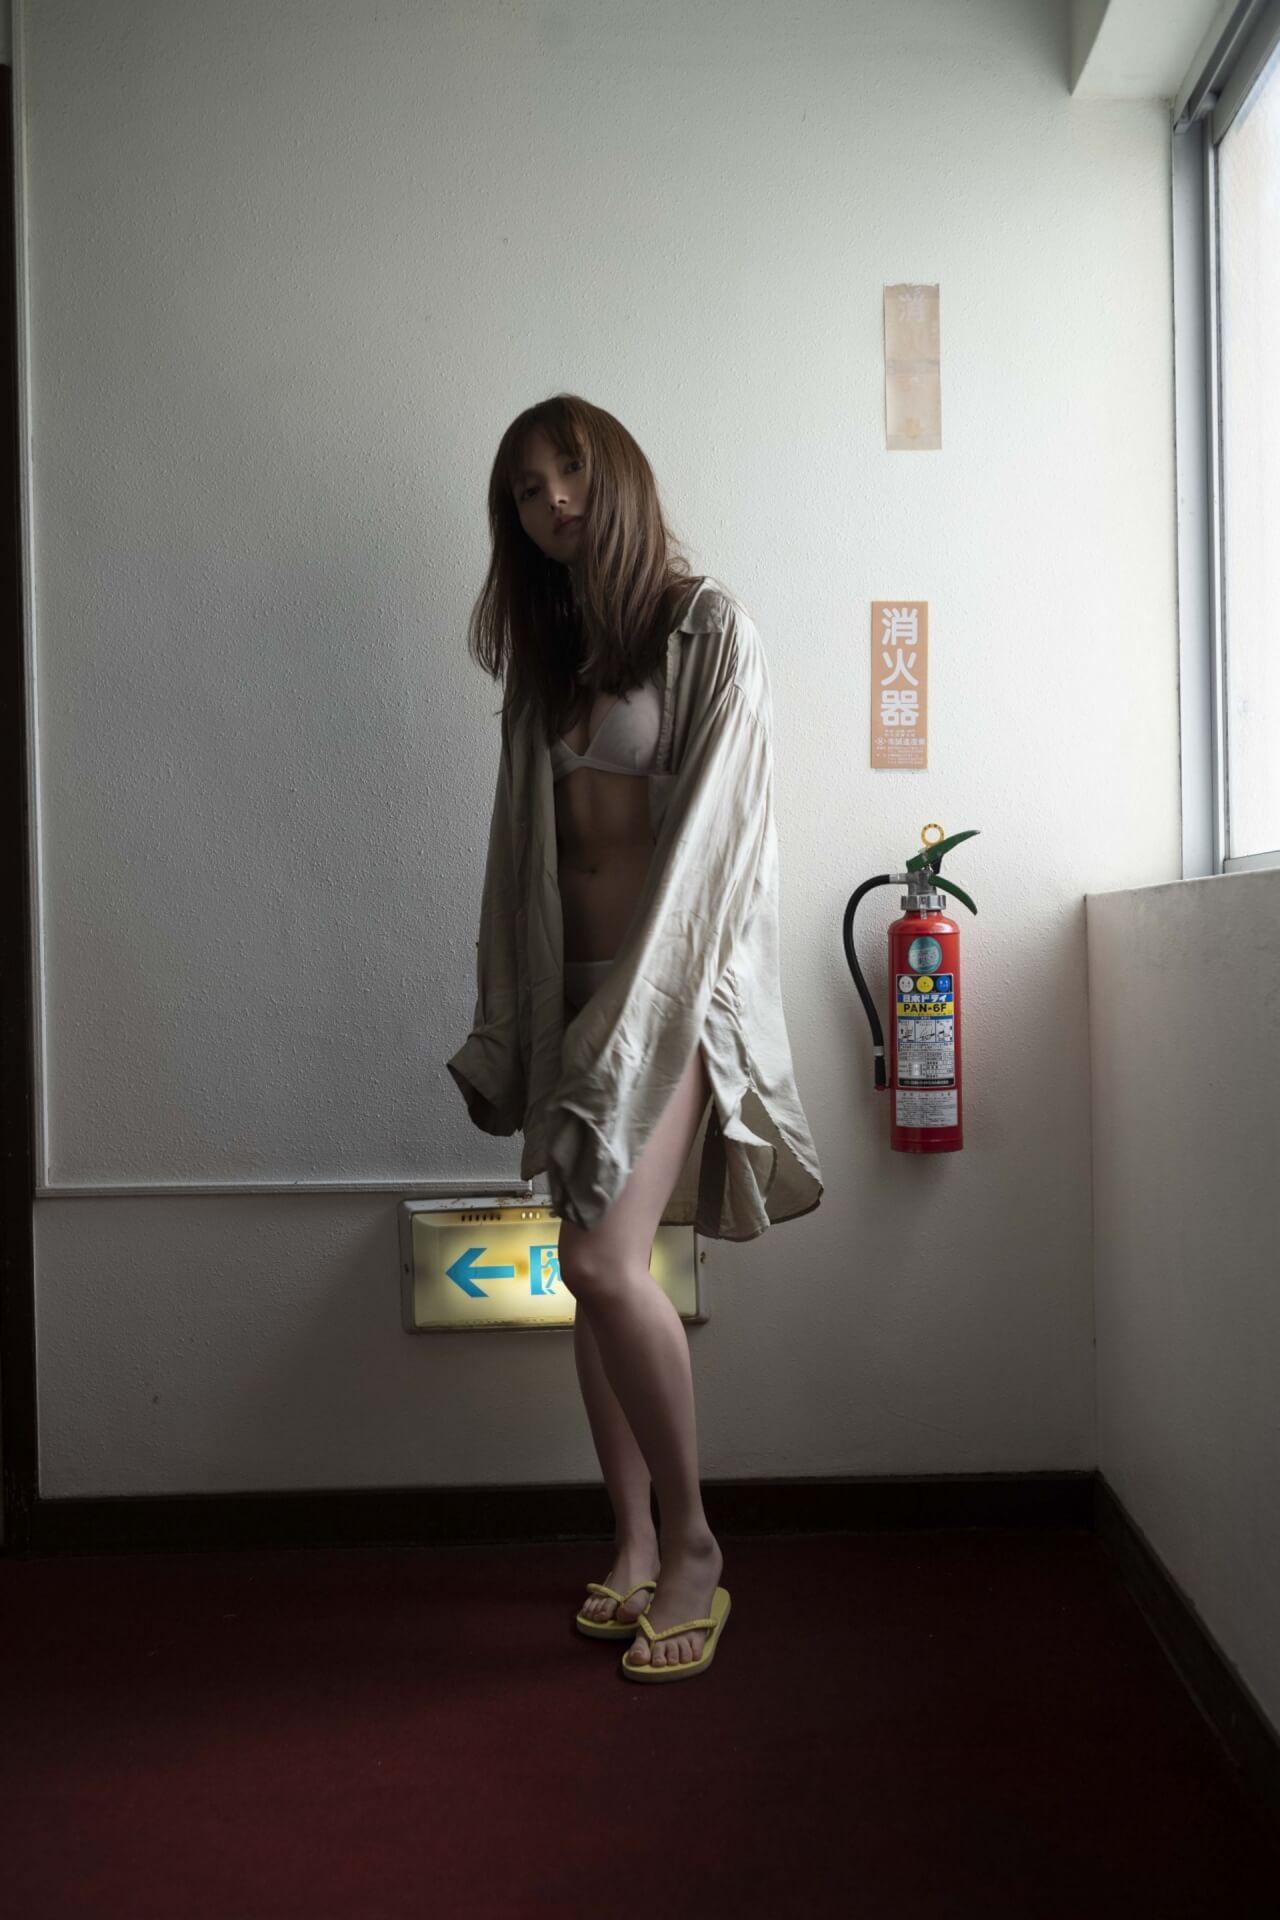 オトナムードを演出する小室さやかがふっくらボディを『週刊プレイボーイ』で披露!「綺麗かっこいい」雰囲気に art200512_komurosayaka_4